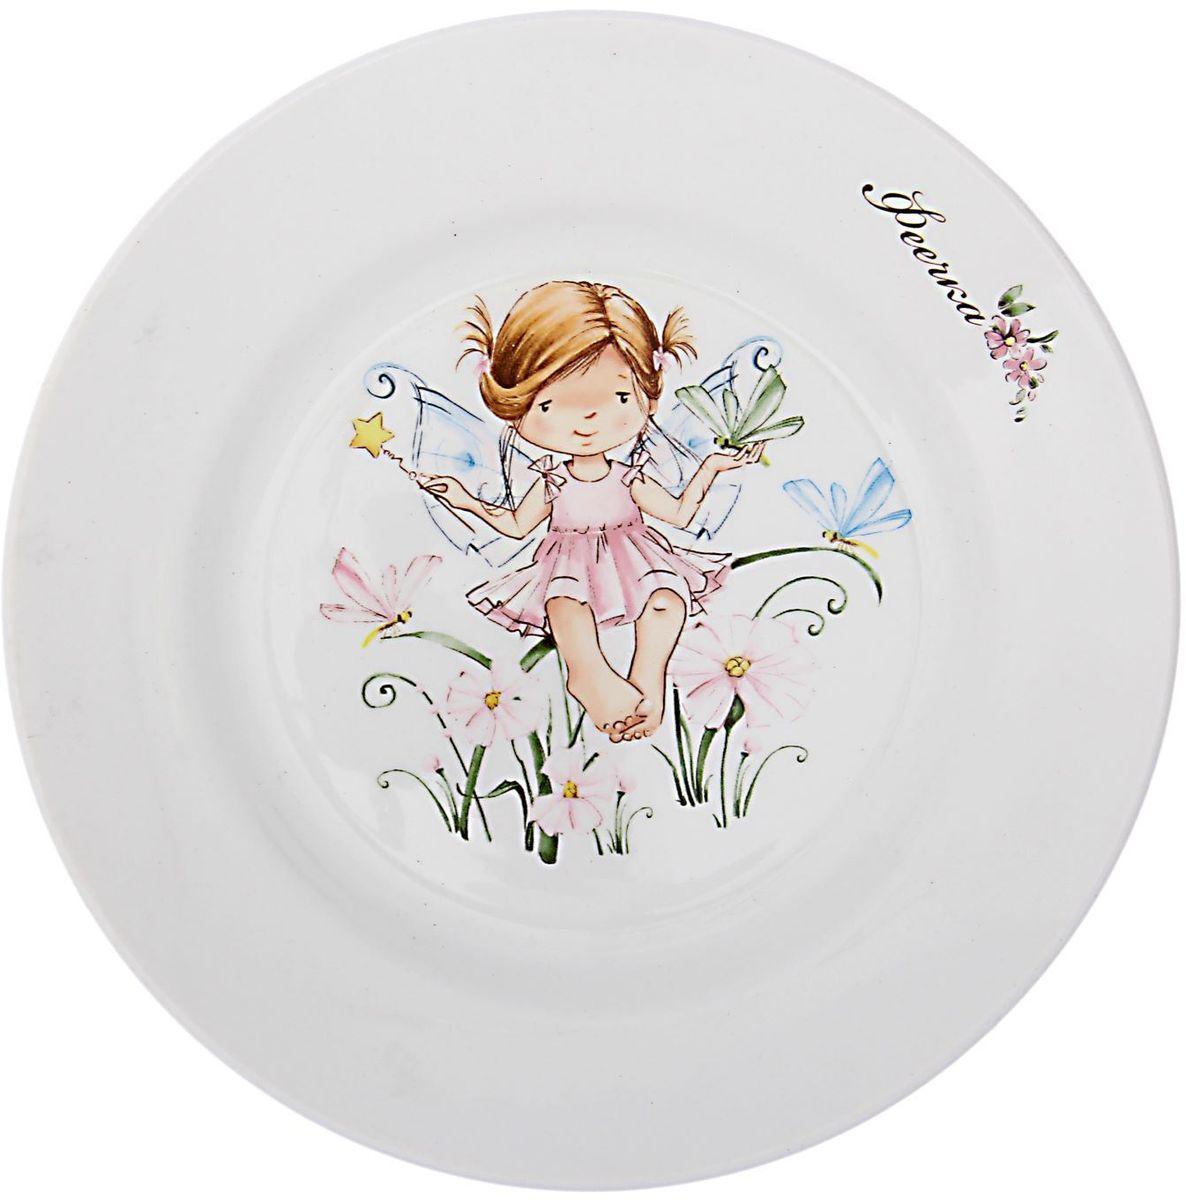 Кубаньфарфор Тарелка детская Феечки 1494985 детская посуда